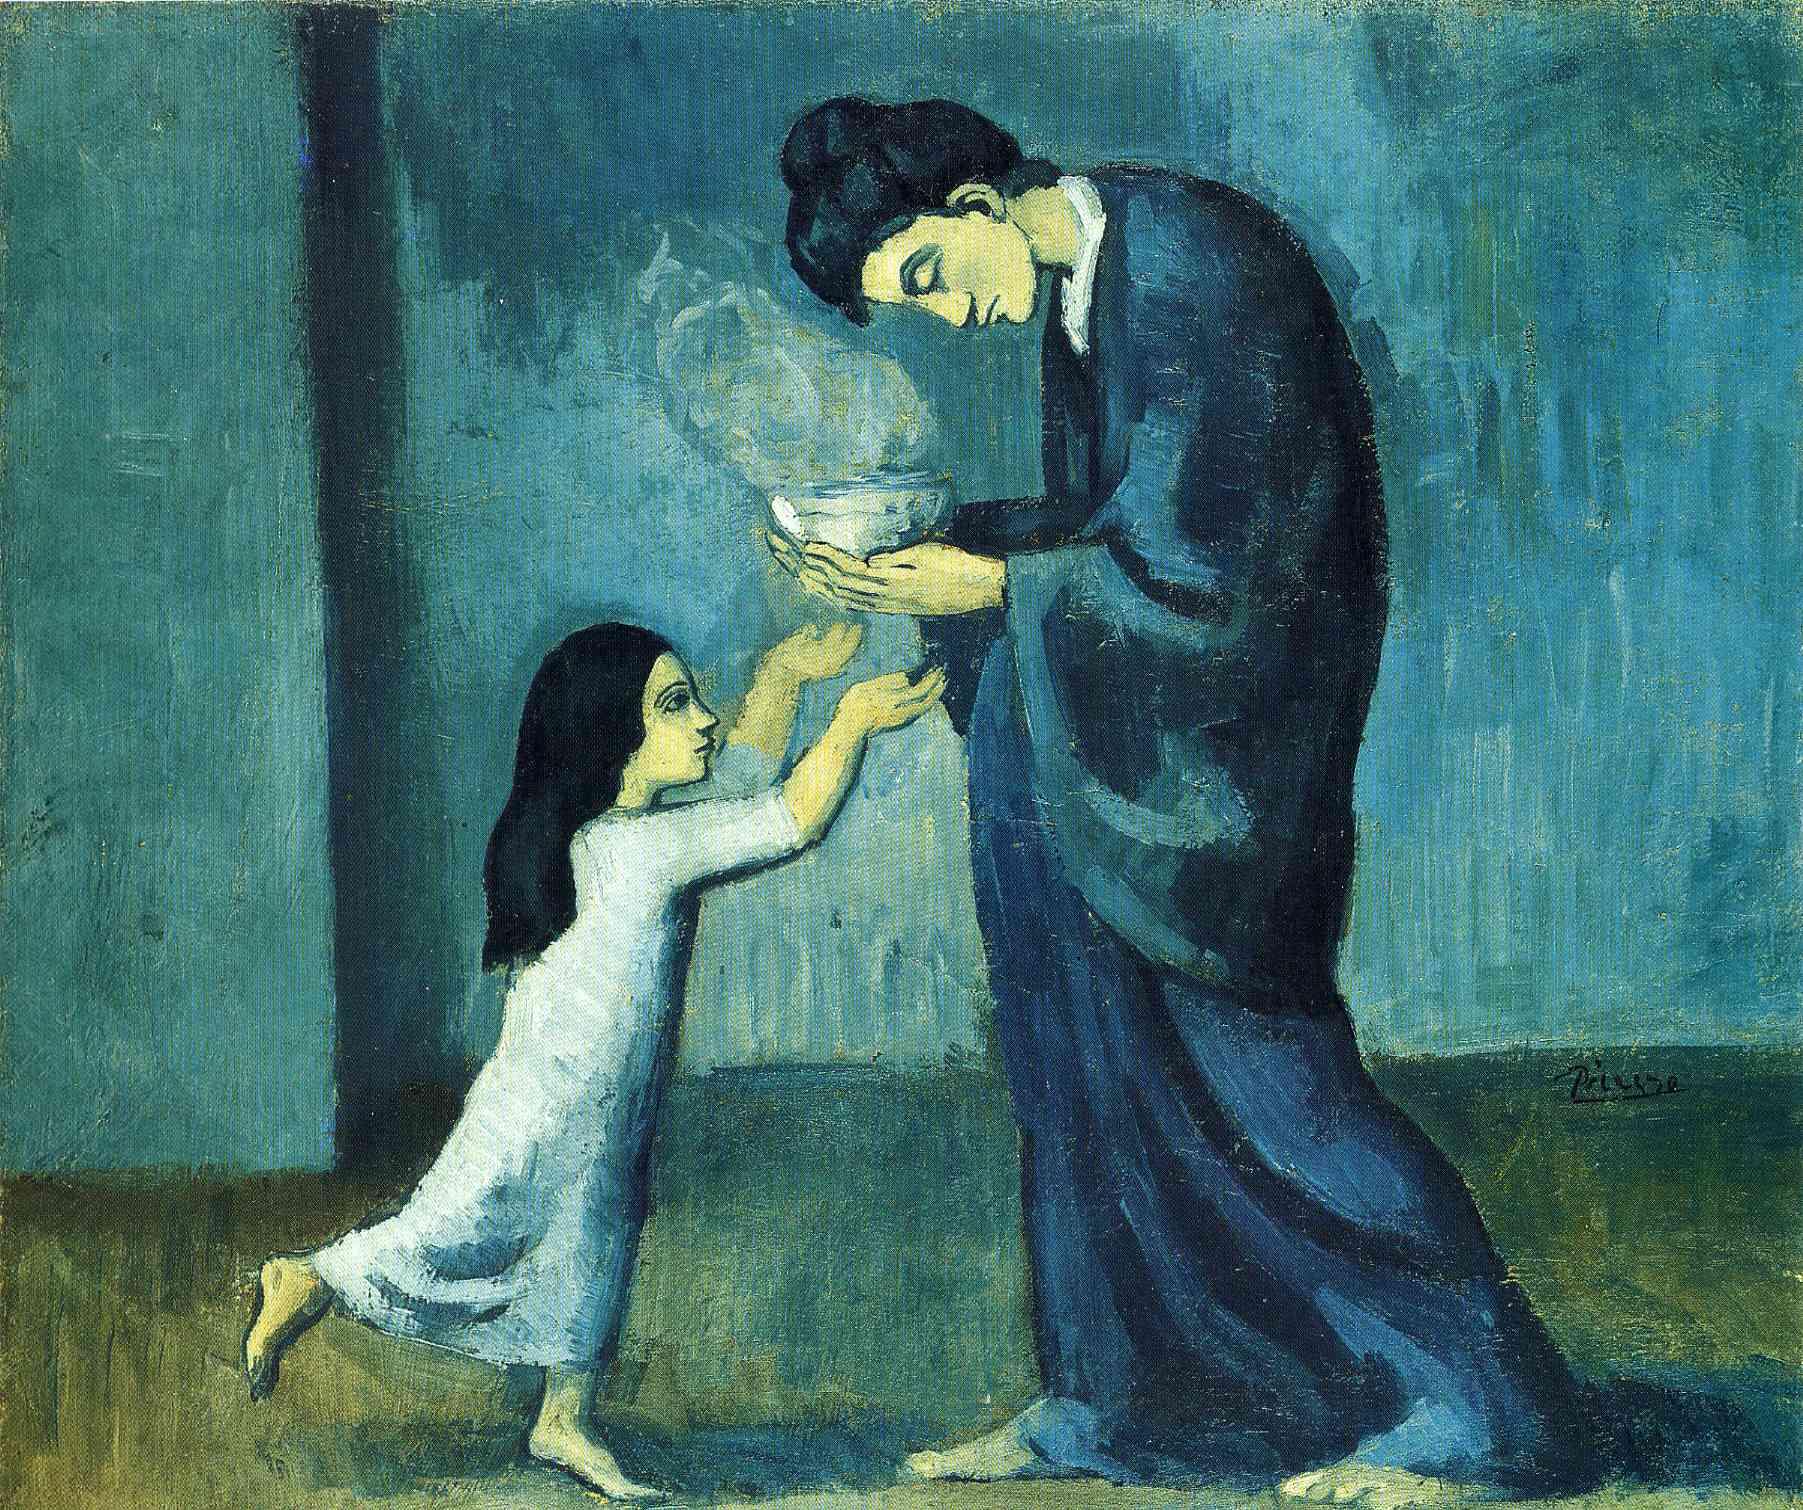 Gli struggenti dipinti del periodo 'blu' e 'rosa' di Pablo Picasso